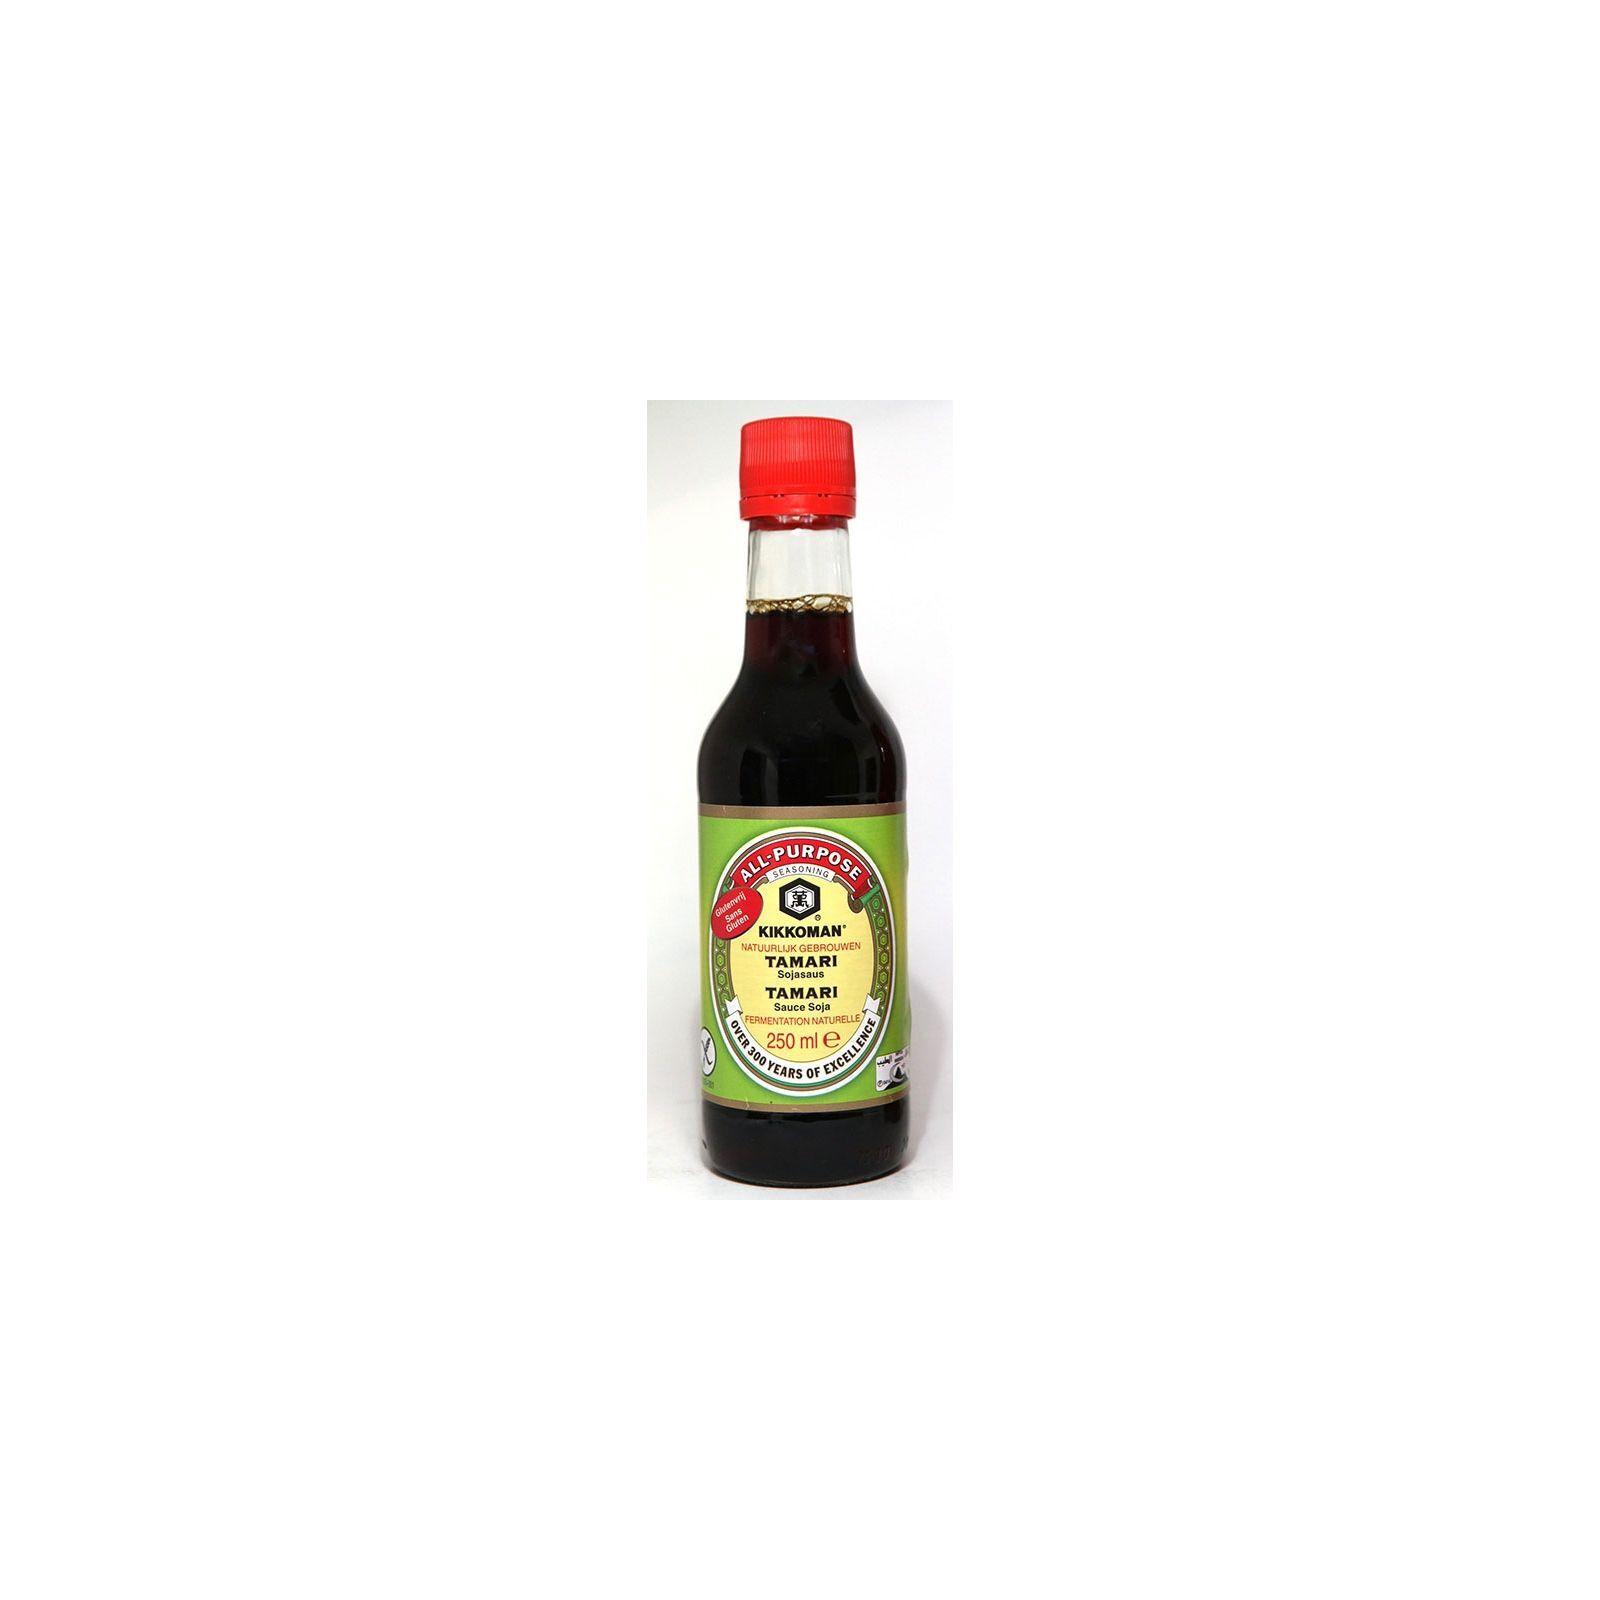 Asia Marché Sauce soja Tamari Kikkoman sans Gluten 250ml